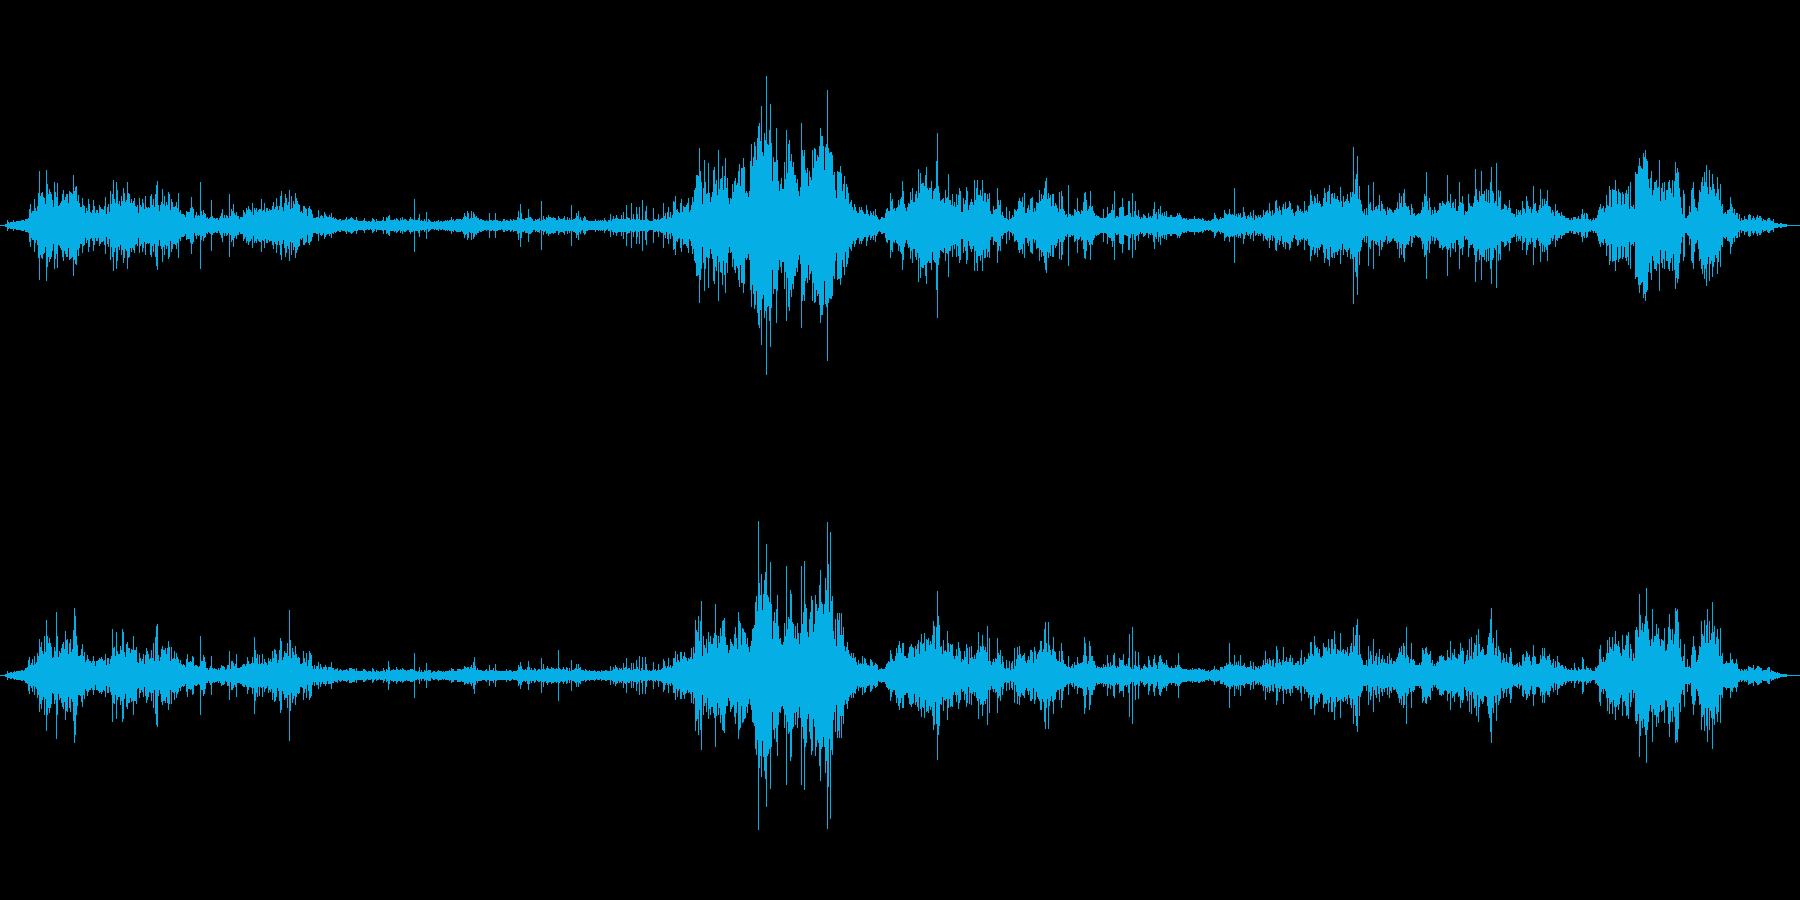 [生録音]大雨、嵐の日の室内の再生済みの波形